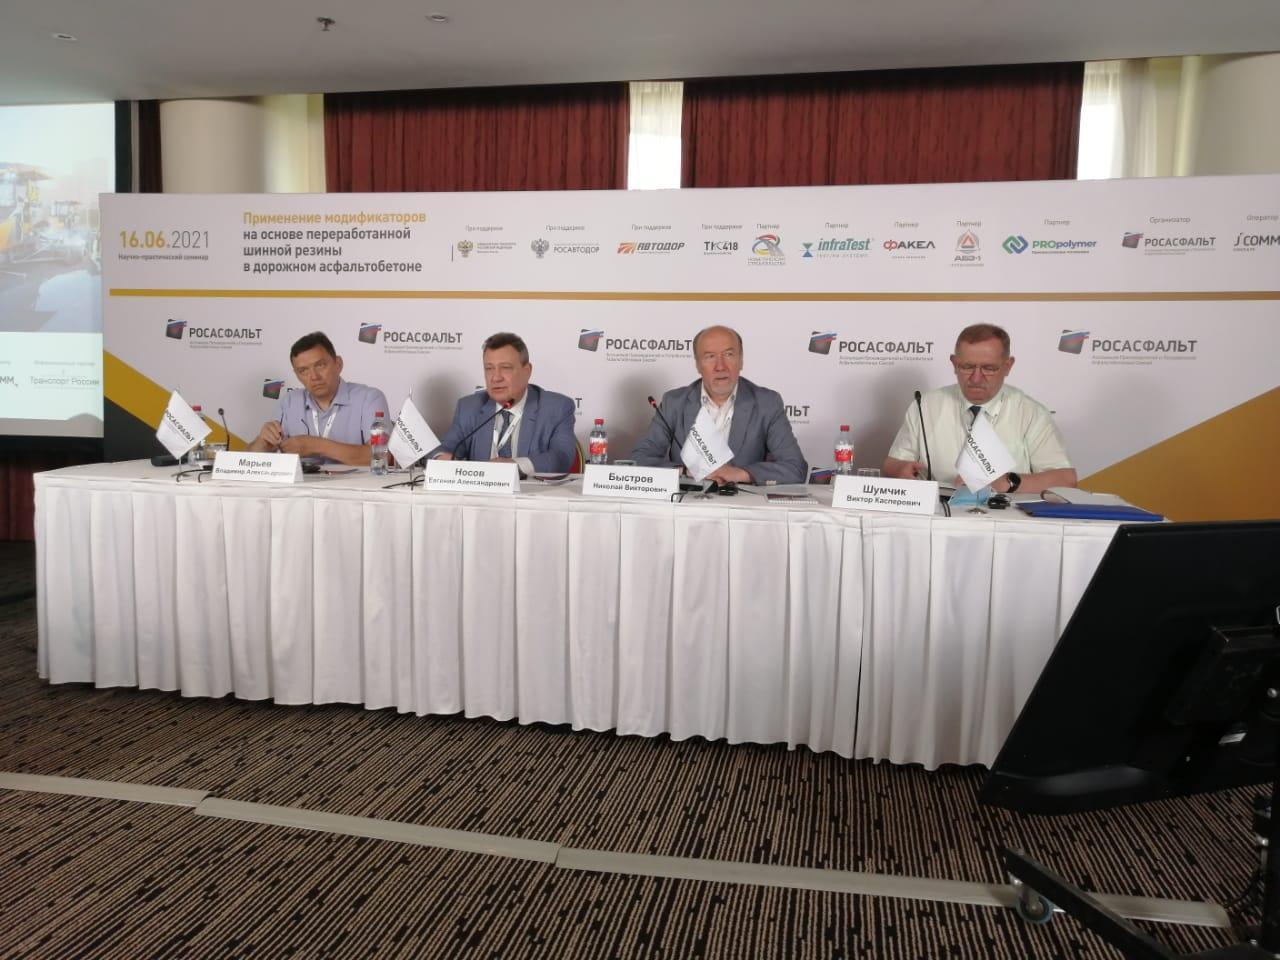 Эксперты дорожной отрасли обсудили использование переработанной шинной резины в асфальтобетоне